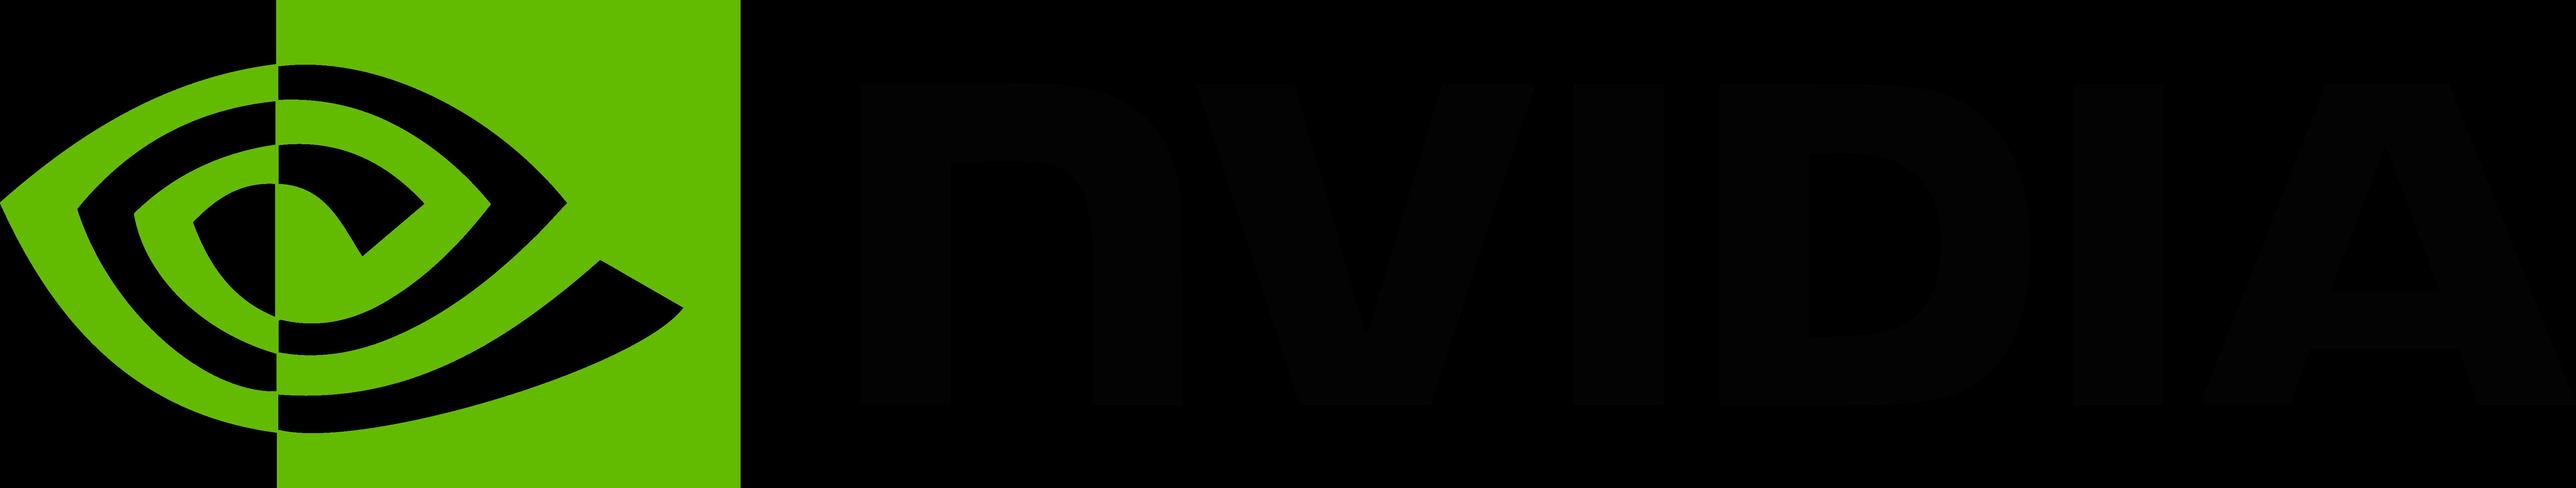 Nvidia-sponsor